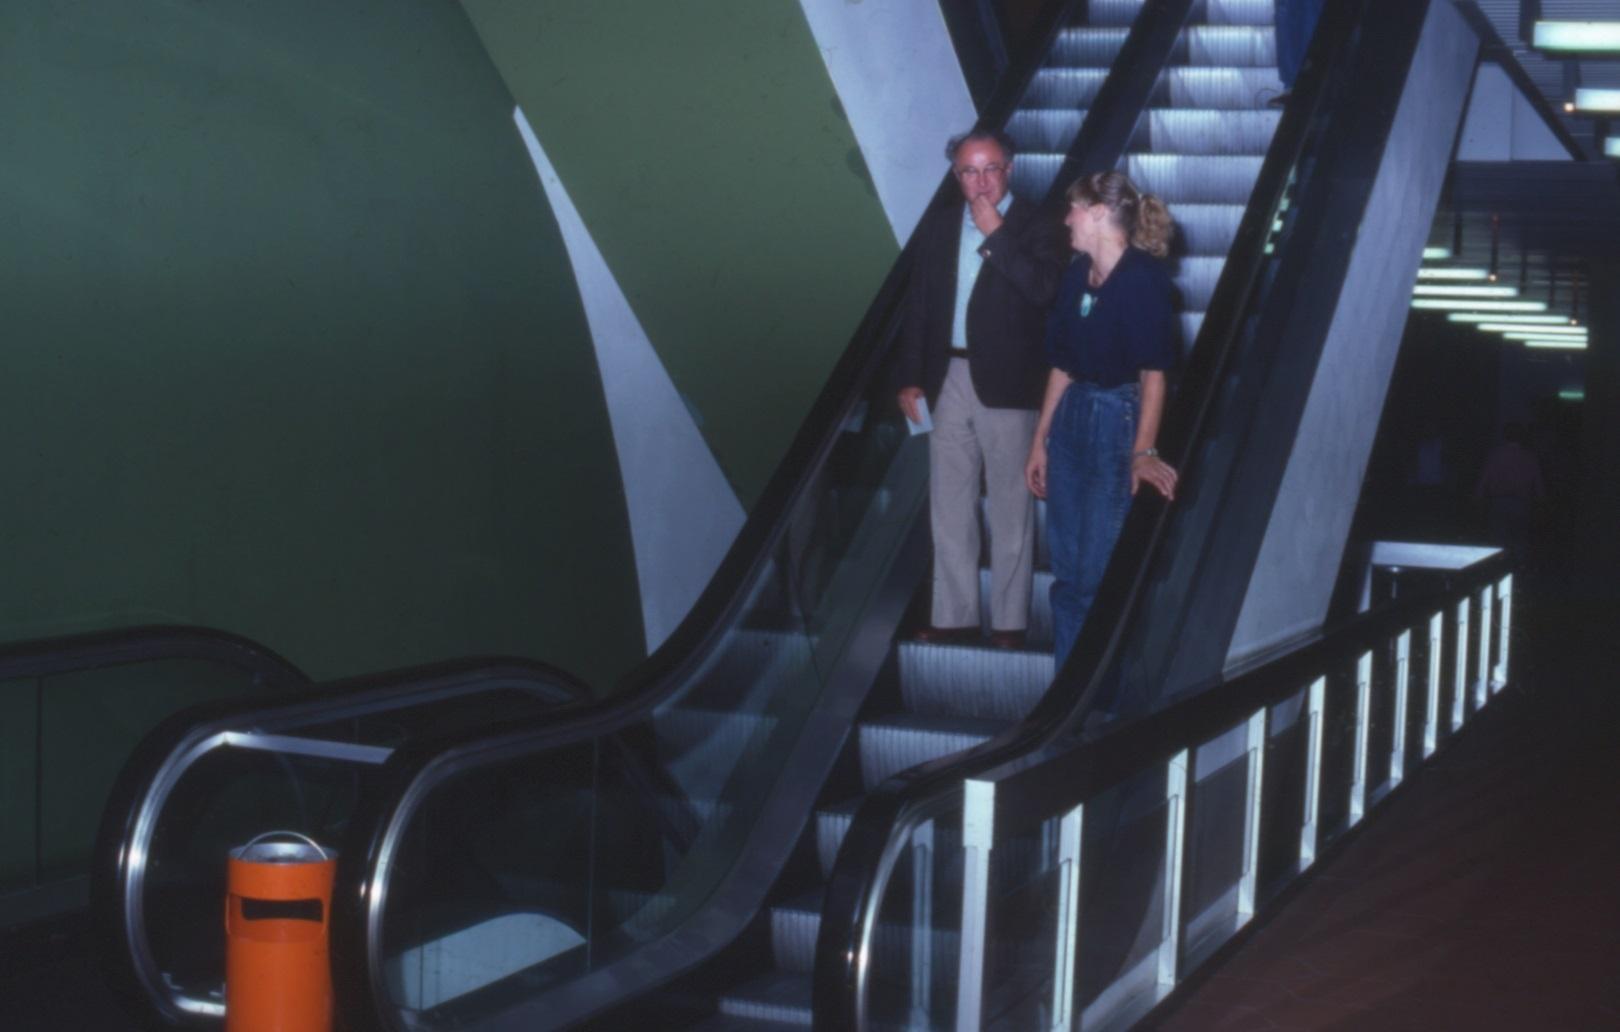 Zweibahnige gegenläufige Rolltreppen im Haupttreppenhaus ermöglichten eine zügige Erschließung der Ebenen 10 bis 60 (Bild: Deutsche Rentenversicherung Baden-Württemberg, W. Trepl, um 1980)